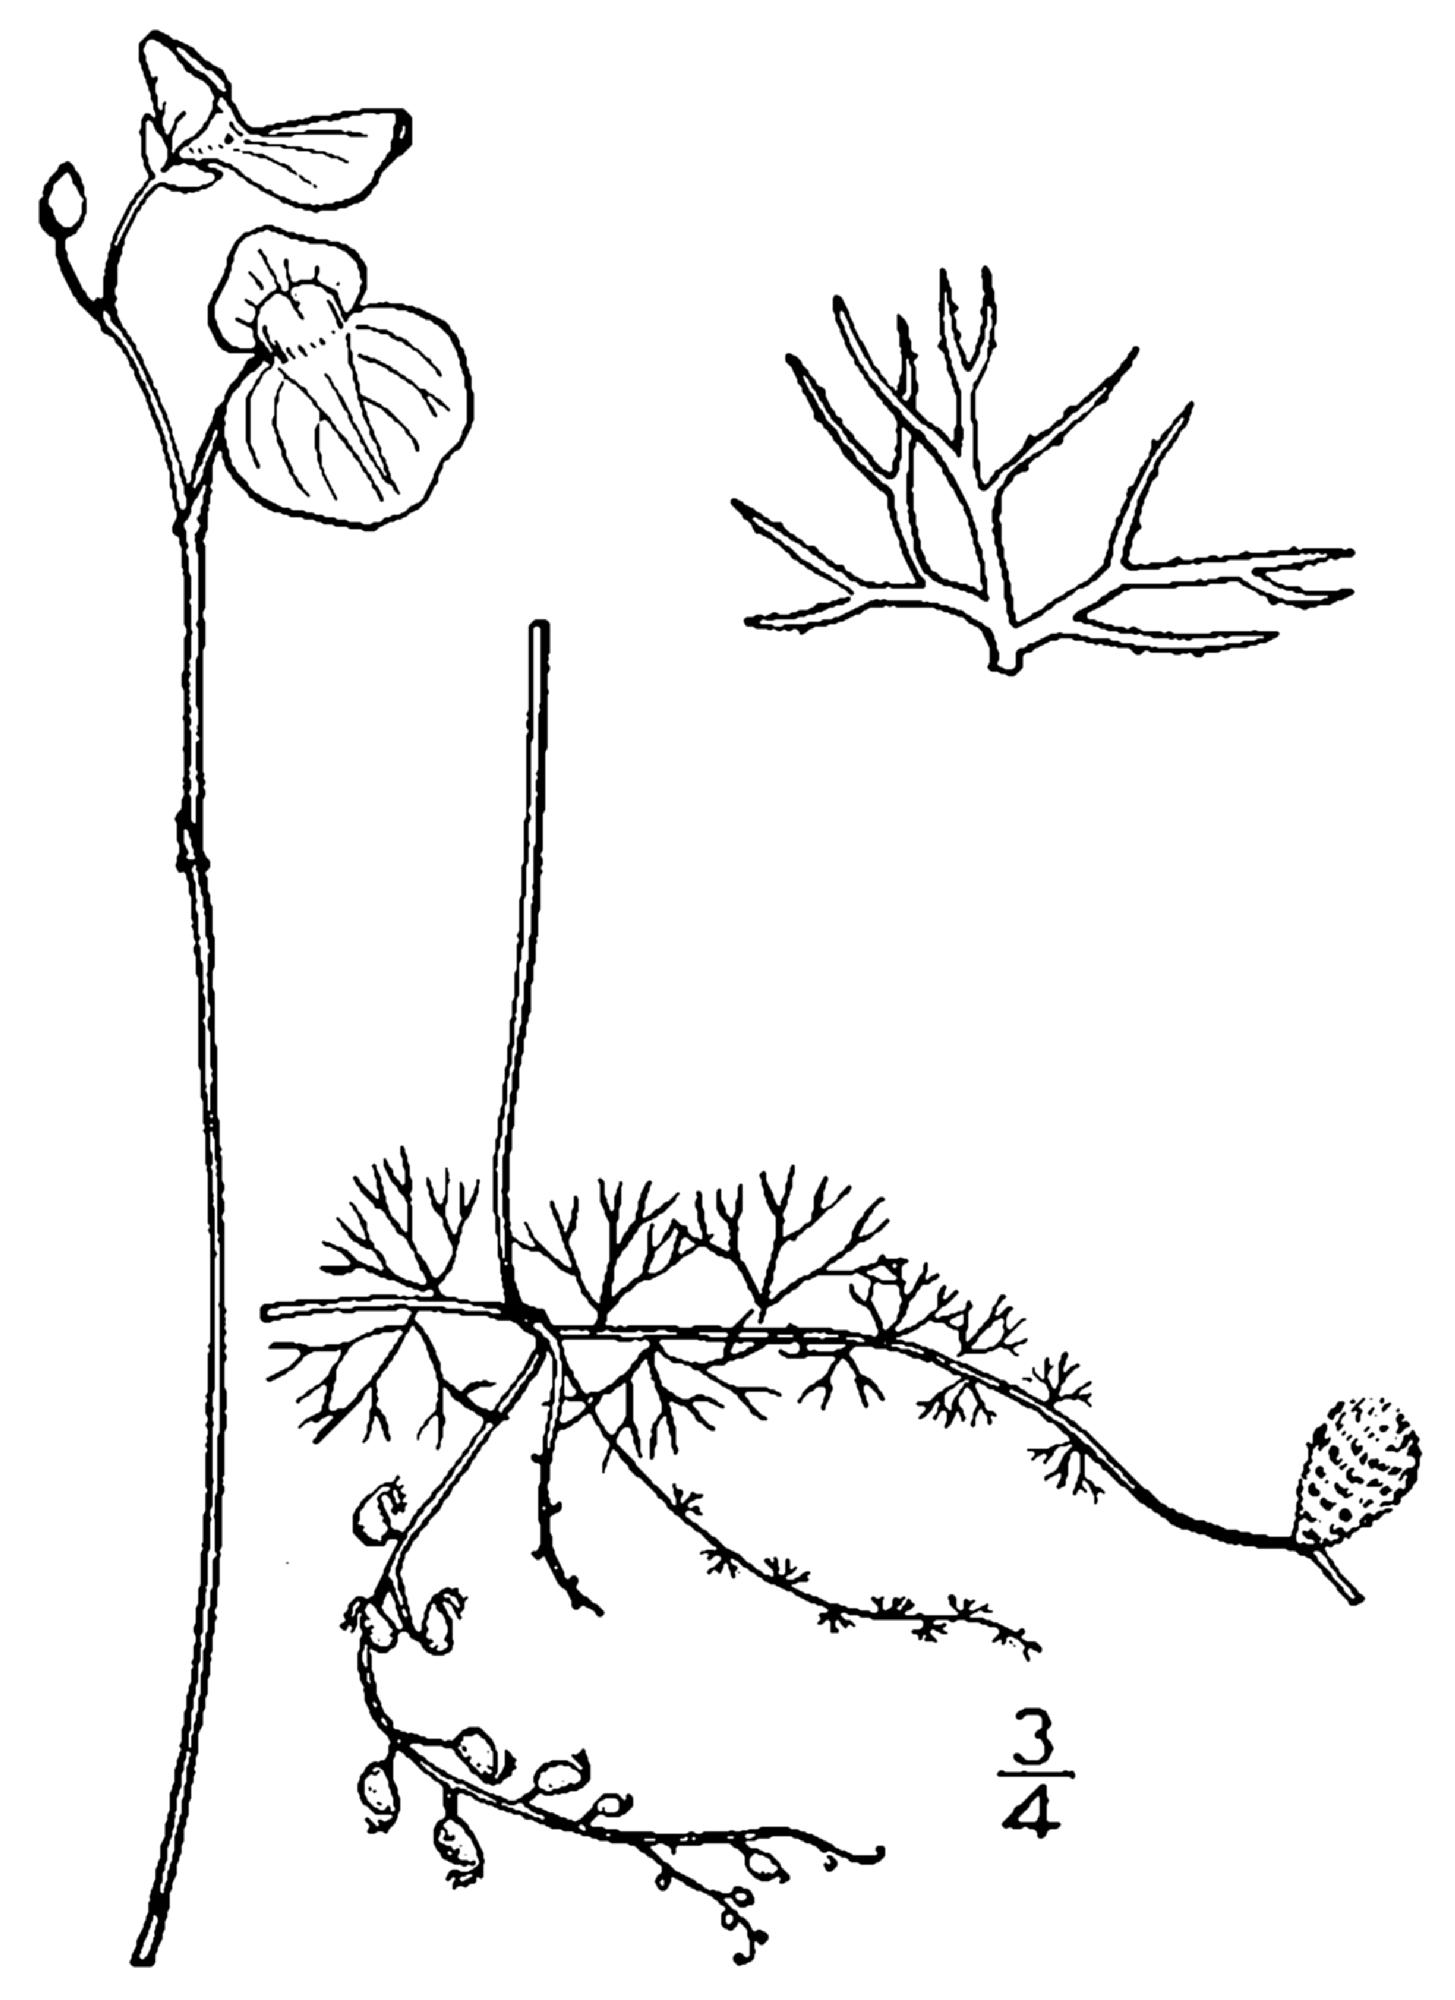 Description Utricularia intermedia BB-1913 pngUtricularia Intermedia